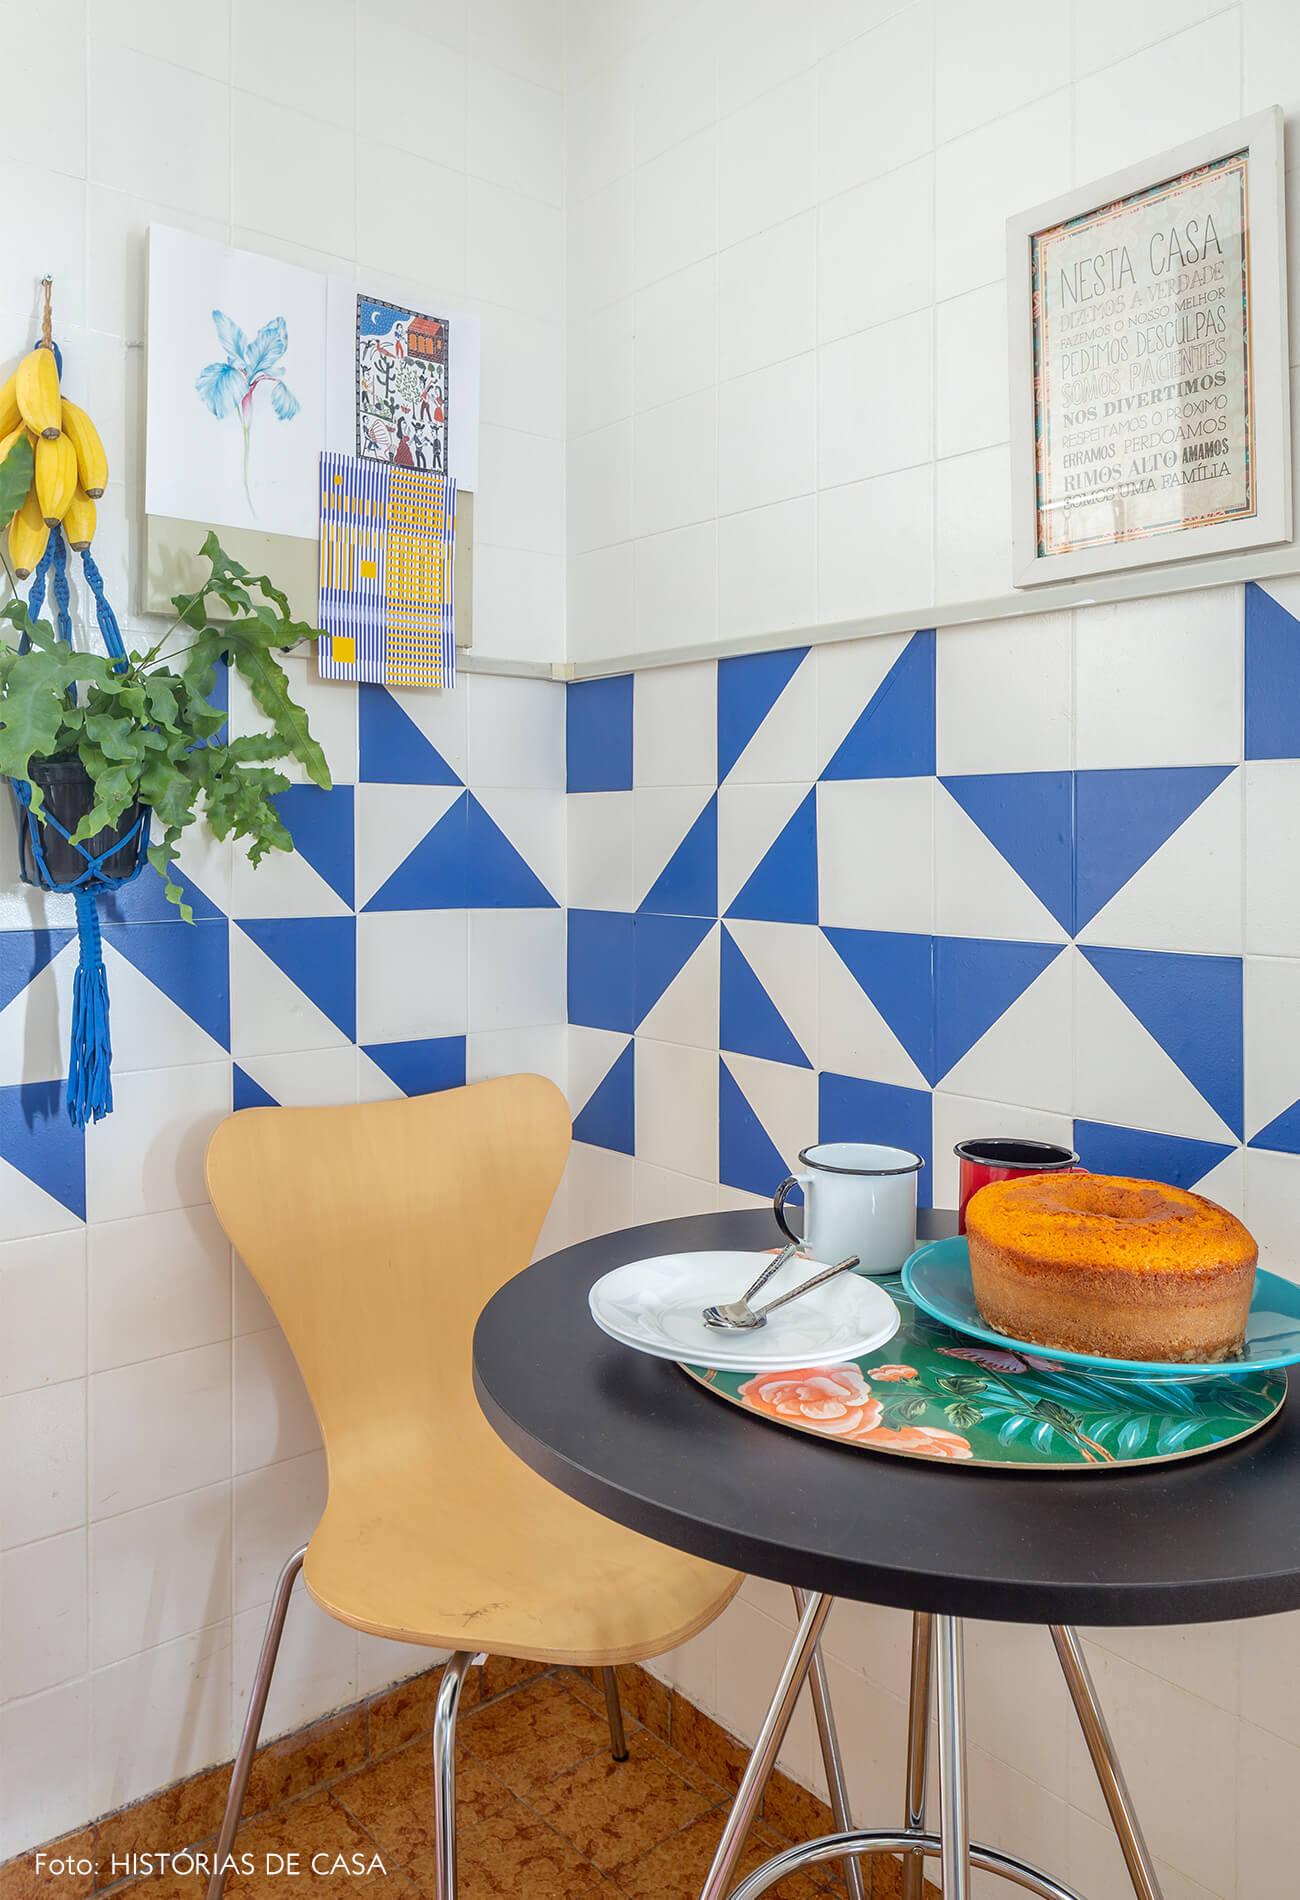 decoração cozinha com azulejos geOmétricos na parede